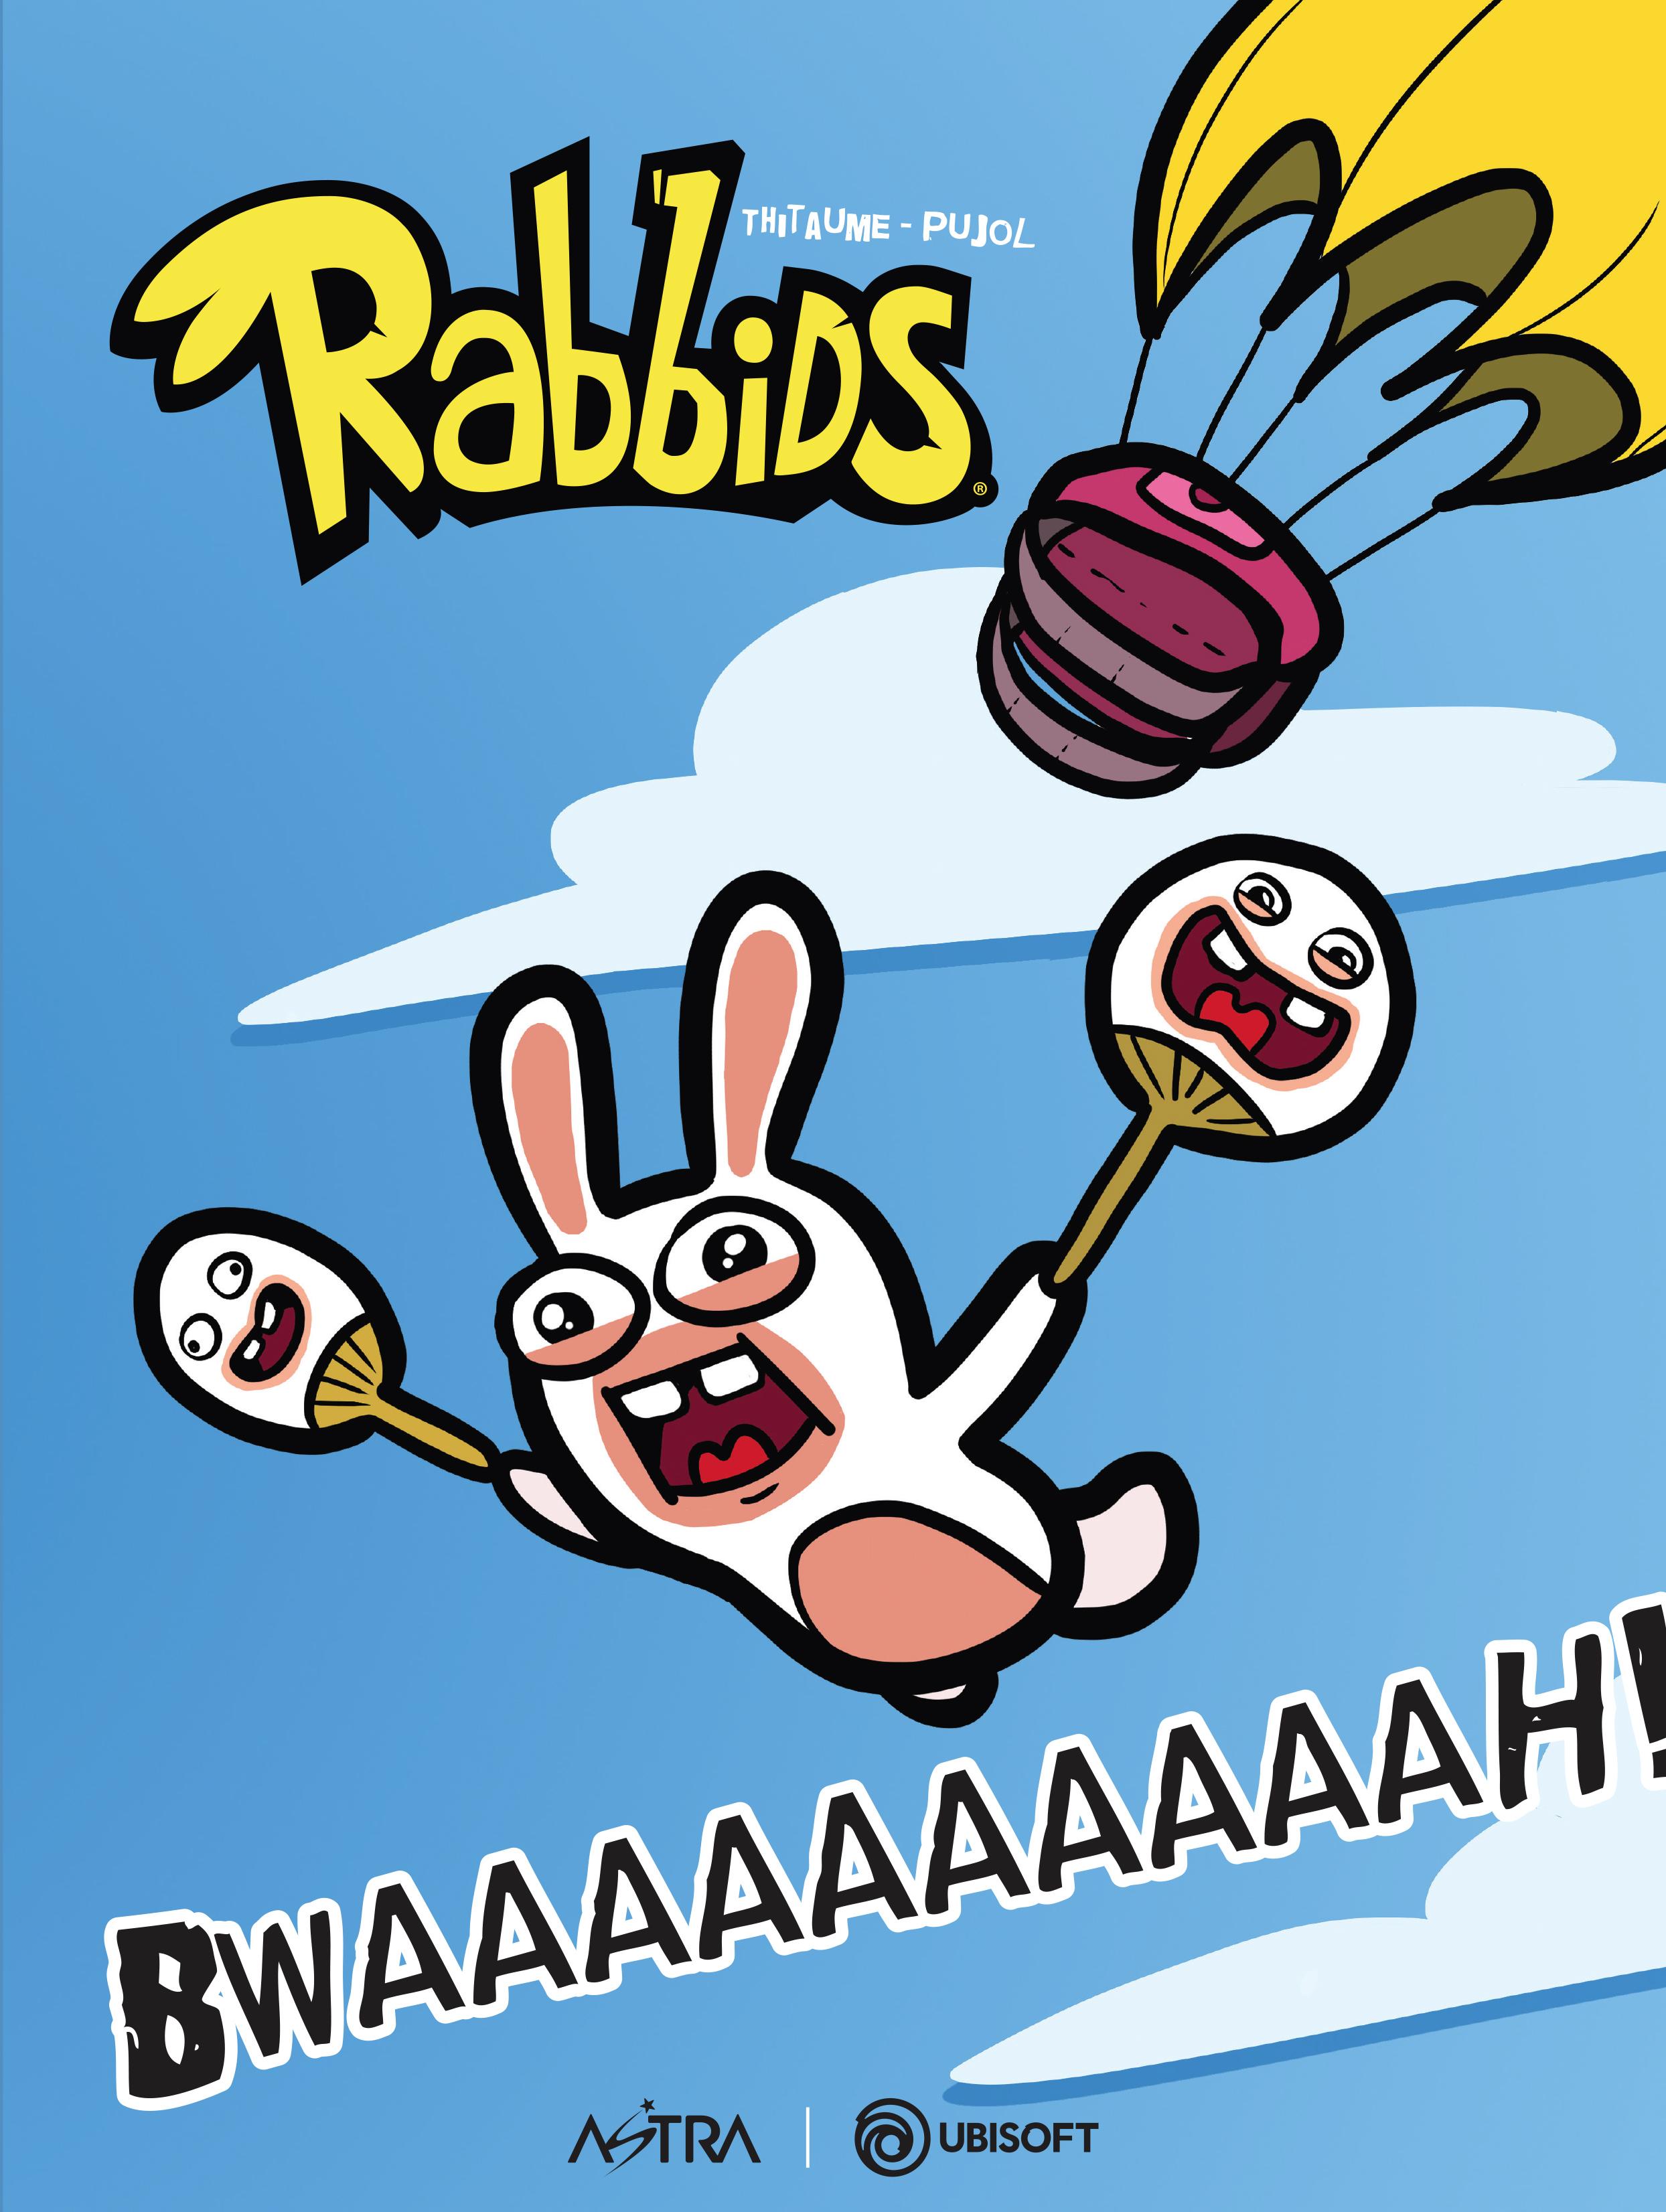 la variant cover di rabbids firmata da sio - nerdface